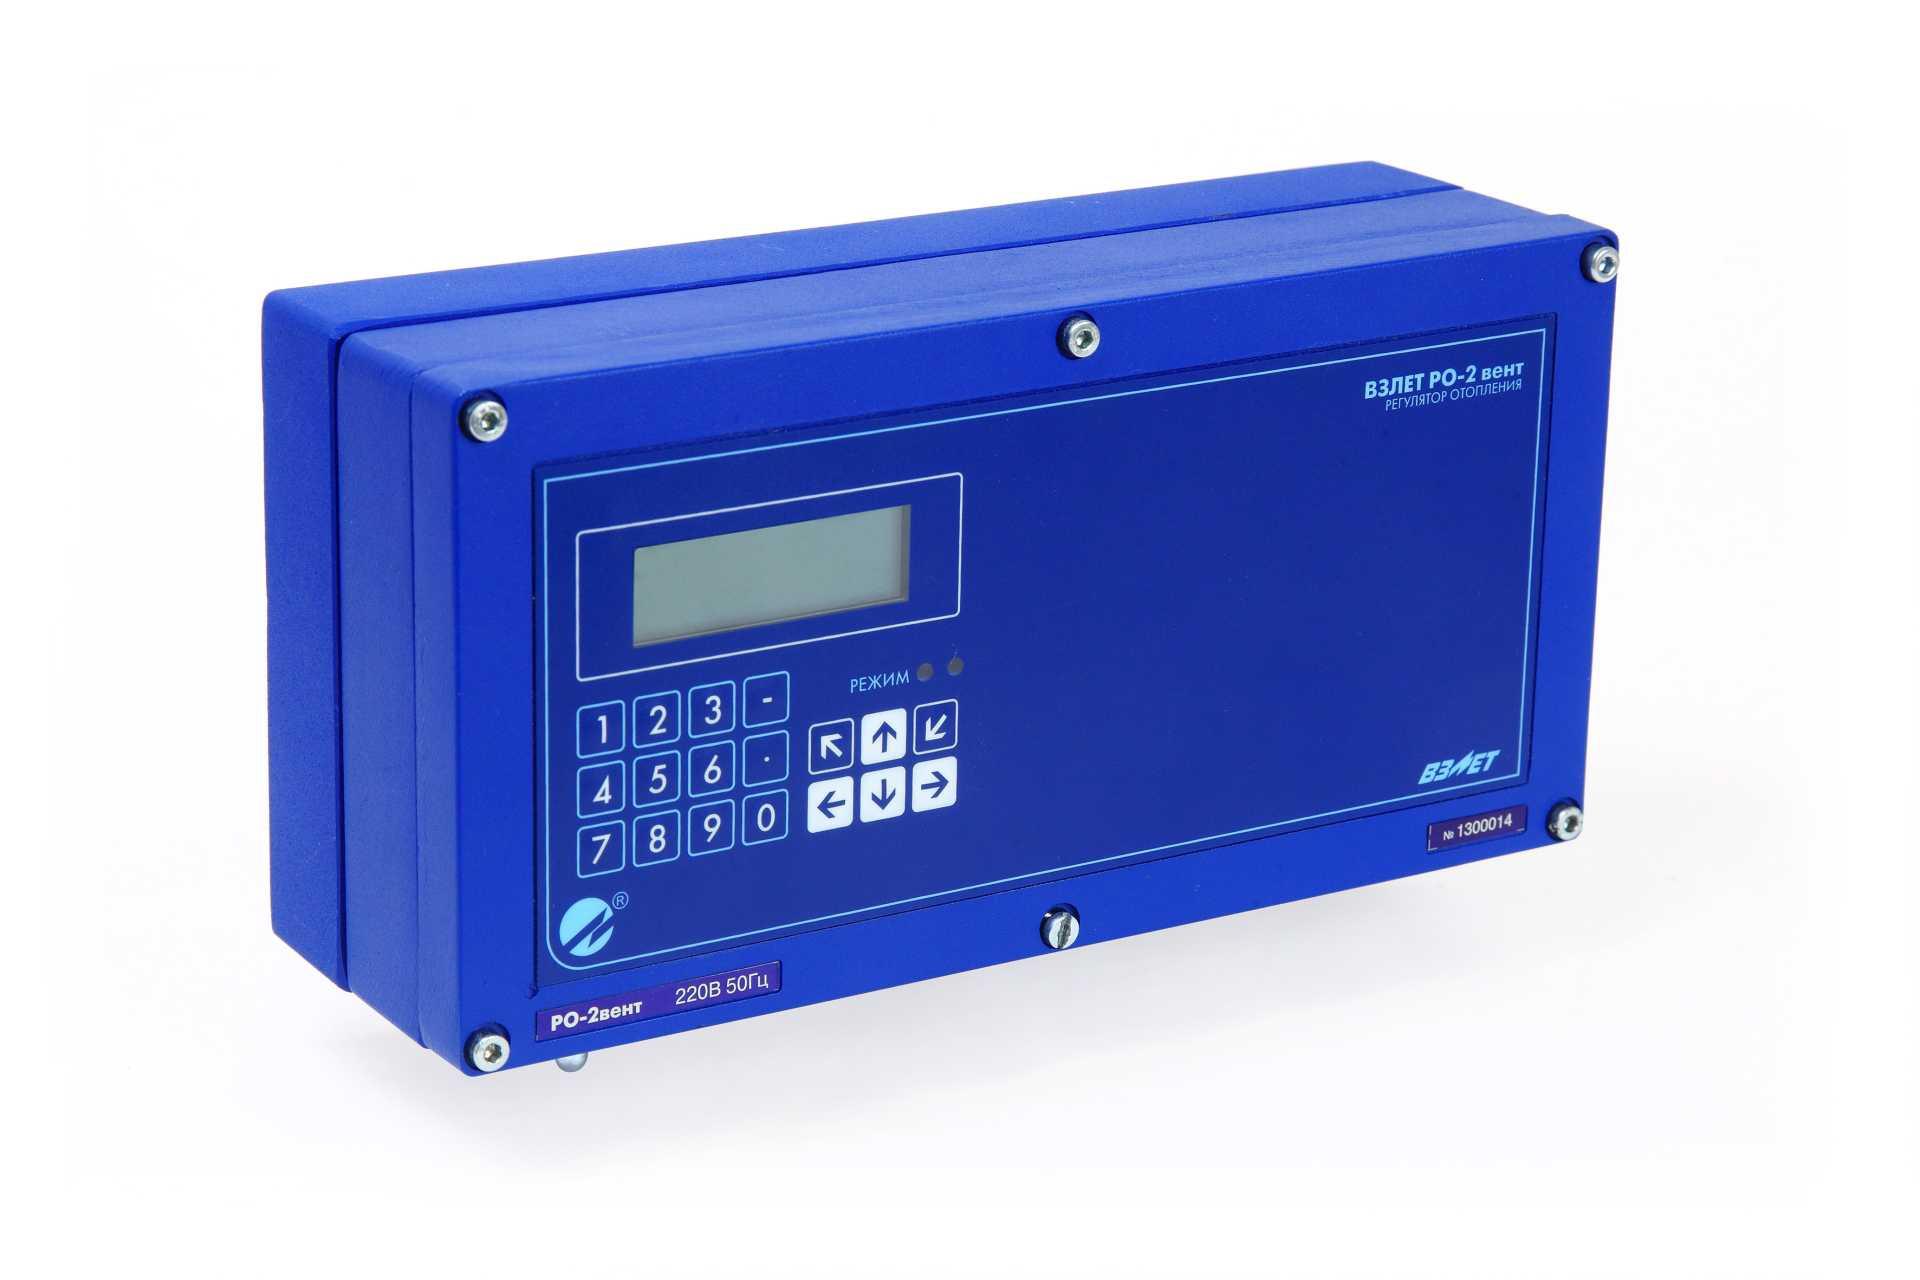 Регулятор отопления ВЗЛЕТ РО-2 вент фото